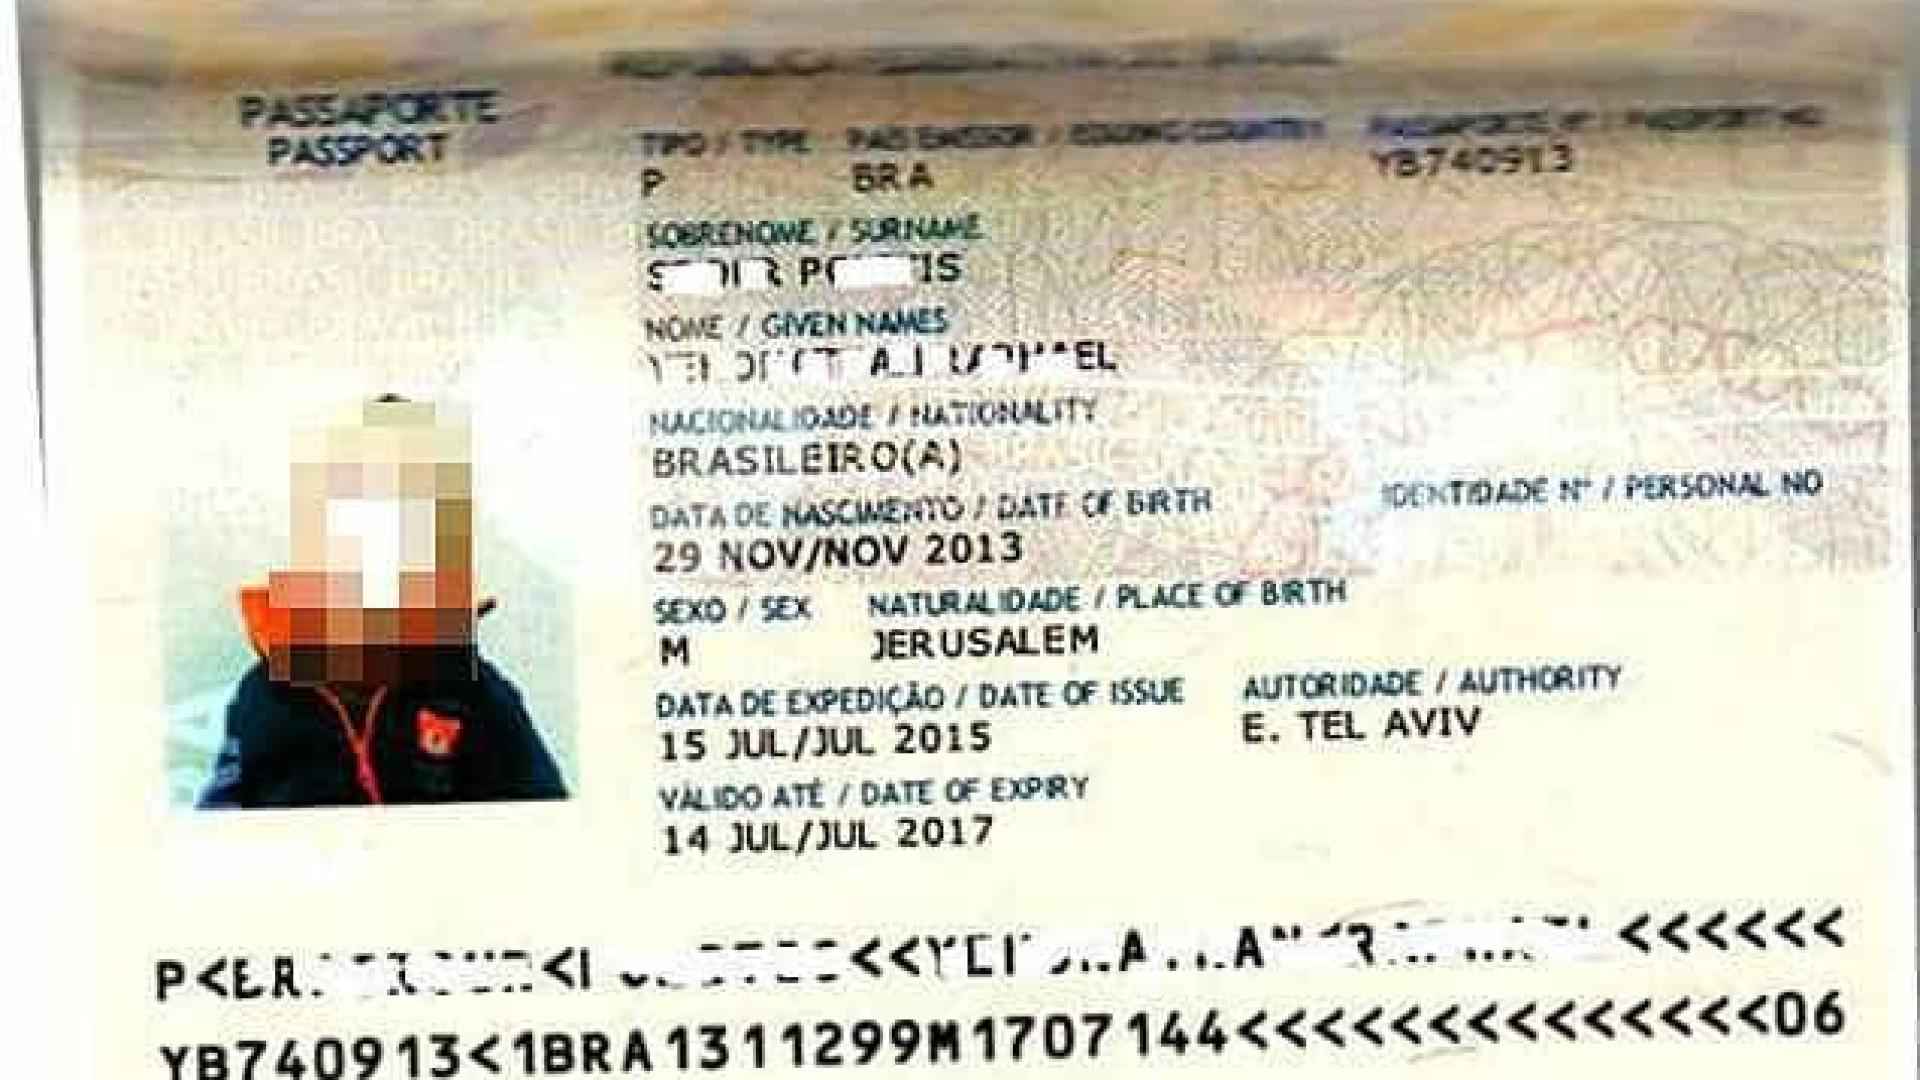 Brasil retira menção a Israel de passaportes em Jerusalém